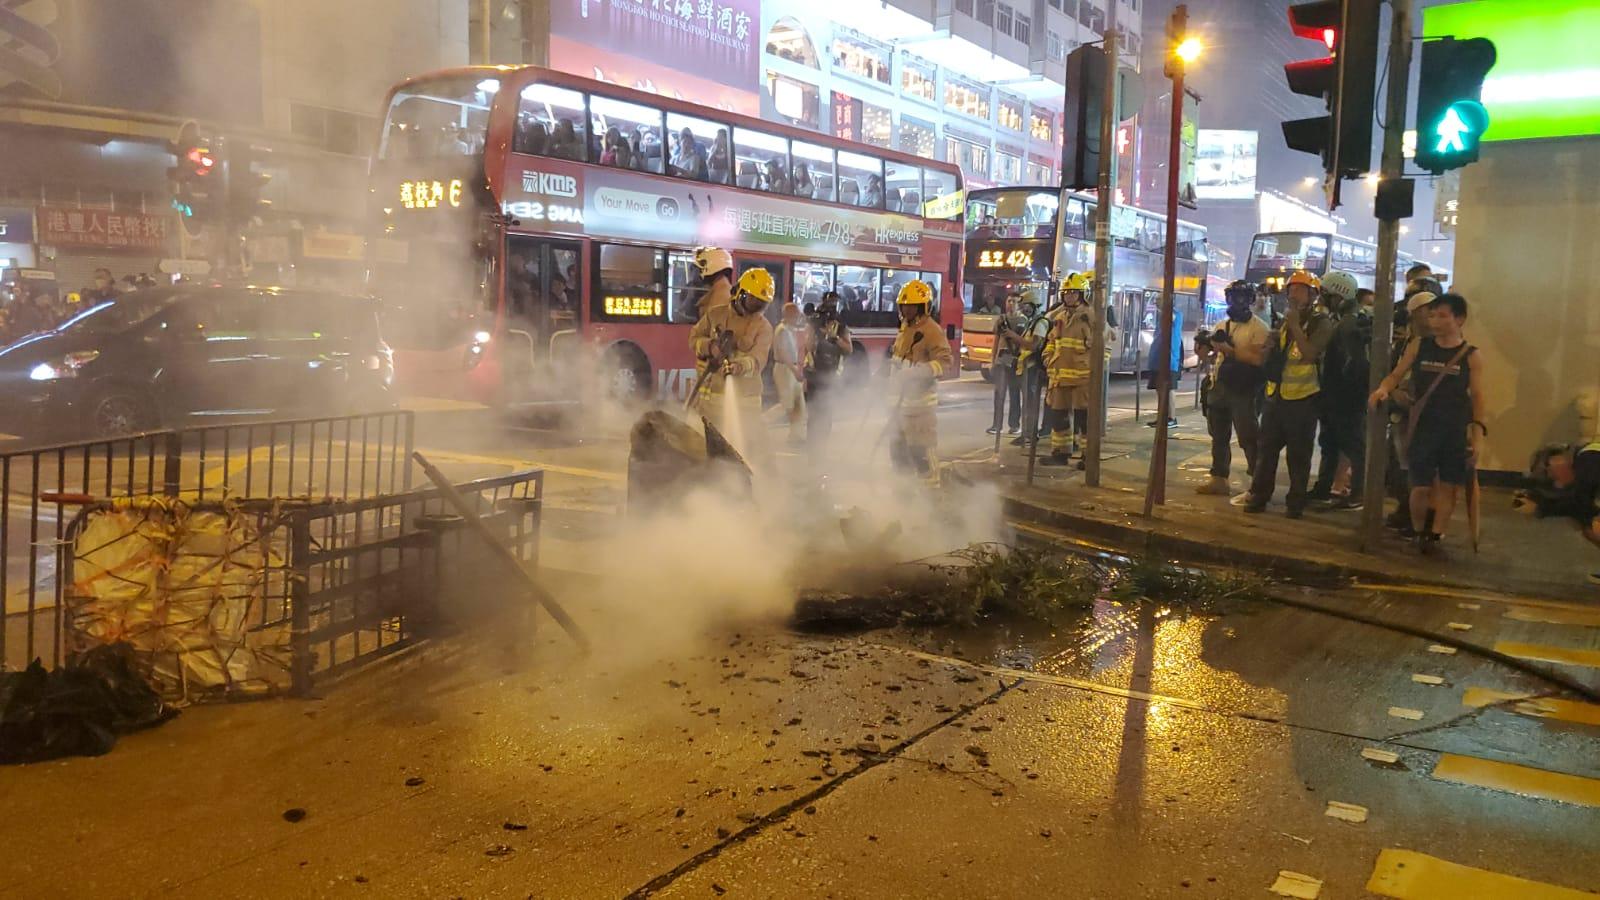 【修例风波】示威者旺角警署外纵火 遭逾百防暴警驱散(多图有片)